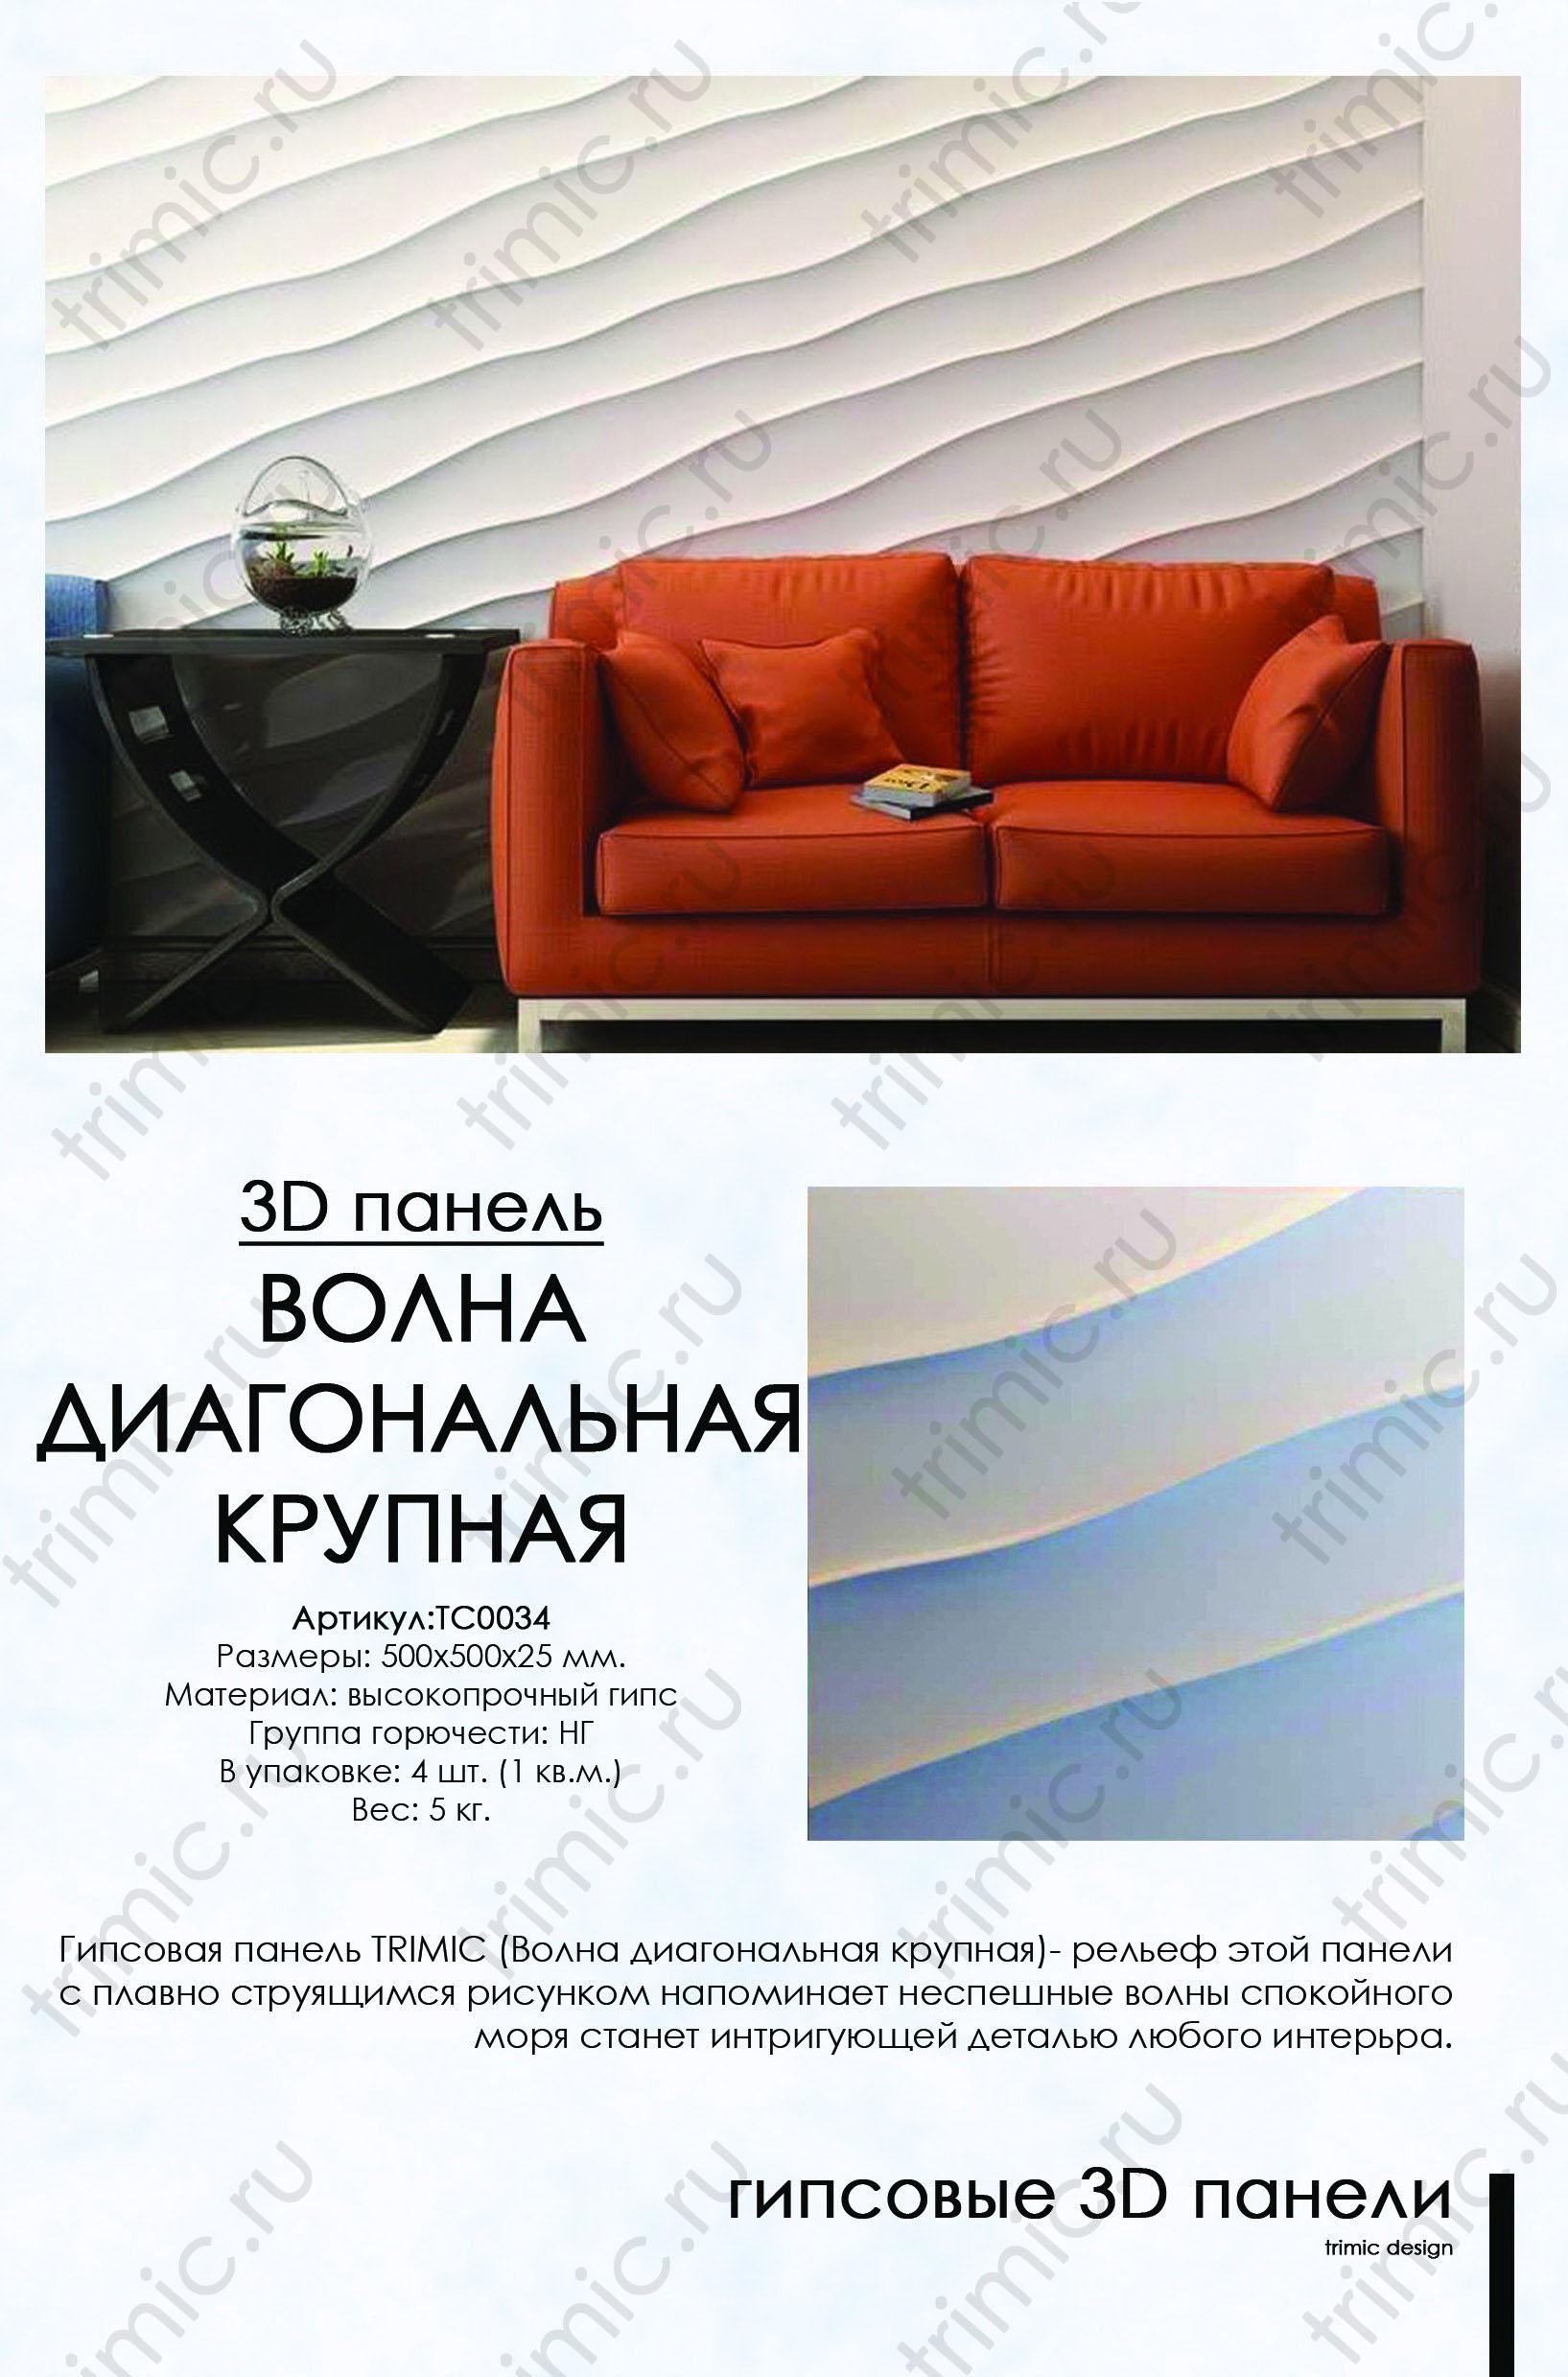 """Фотографии 3D панелей """"Волна диагональная крупная"""" в интерьере"""